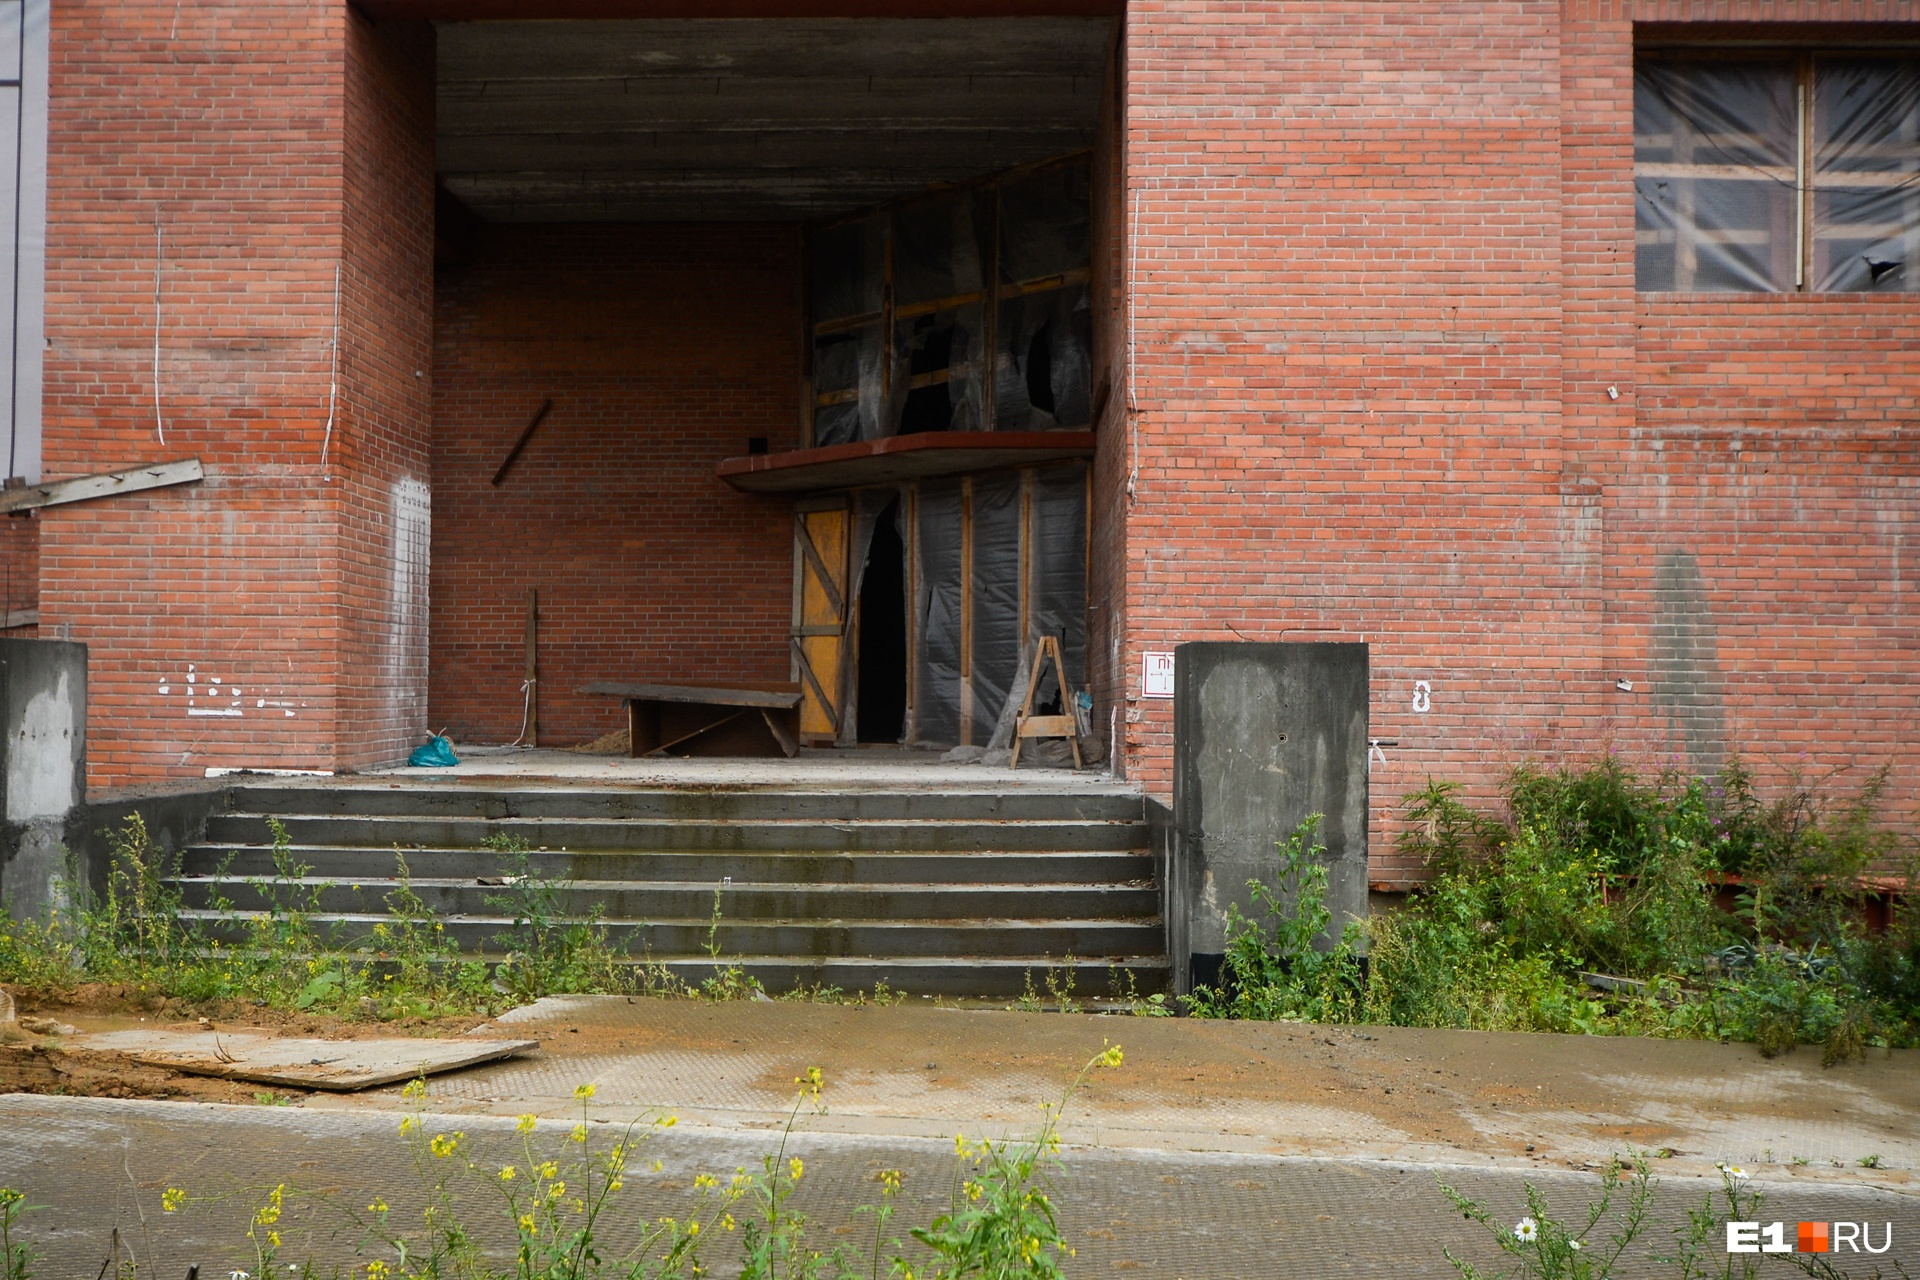 Тот самый центральный вход, вместо дверей — дырявая пленка